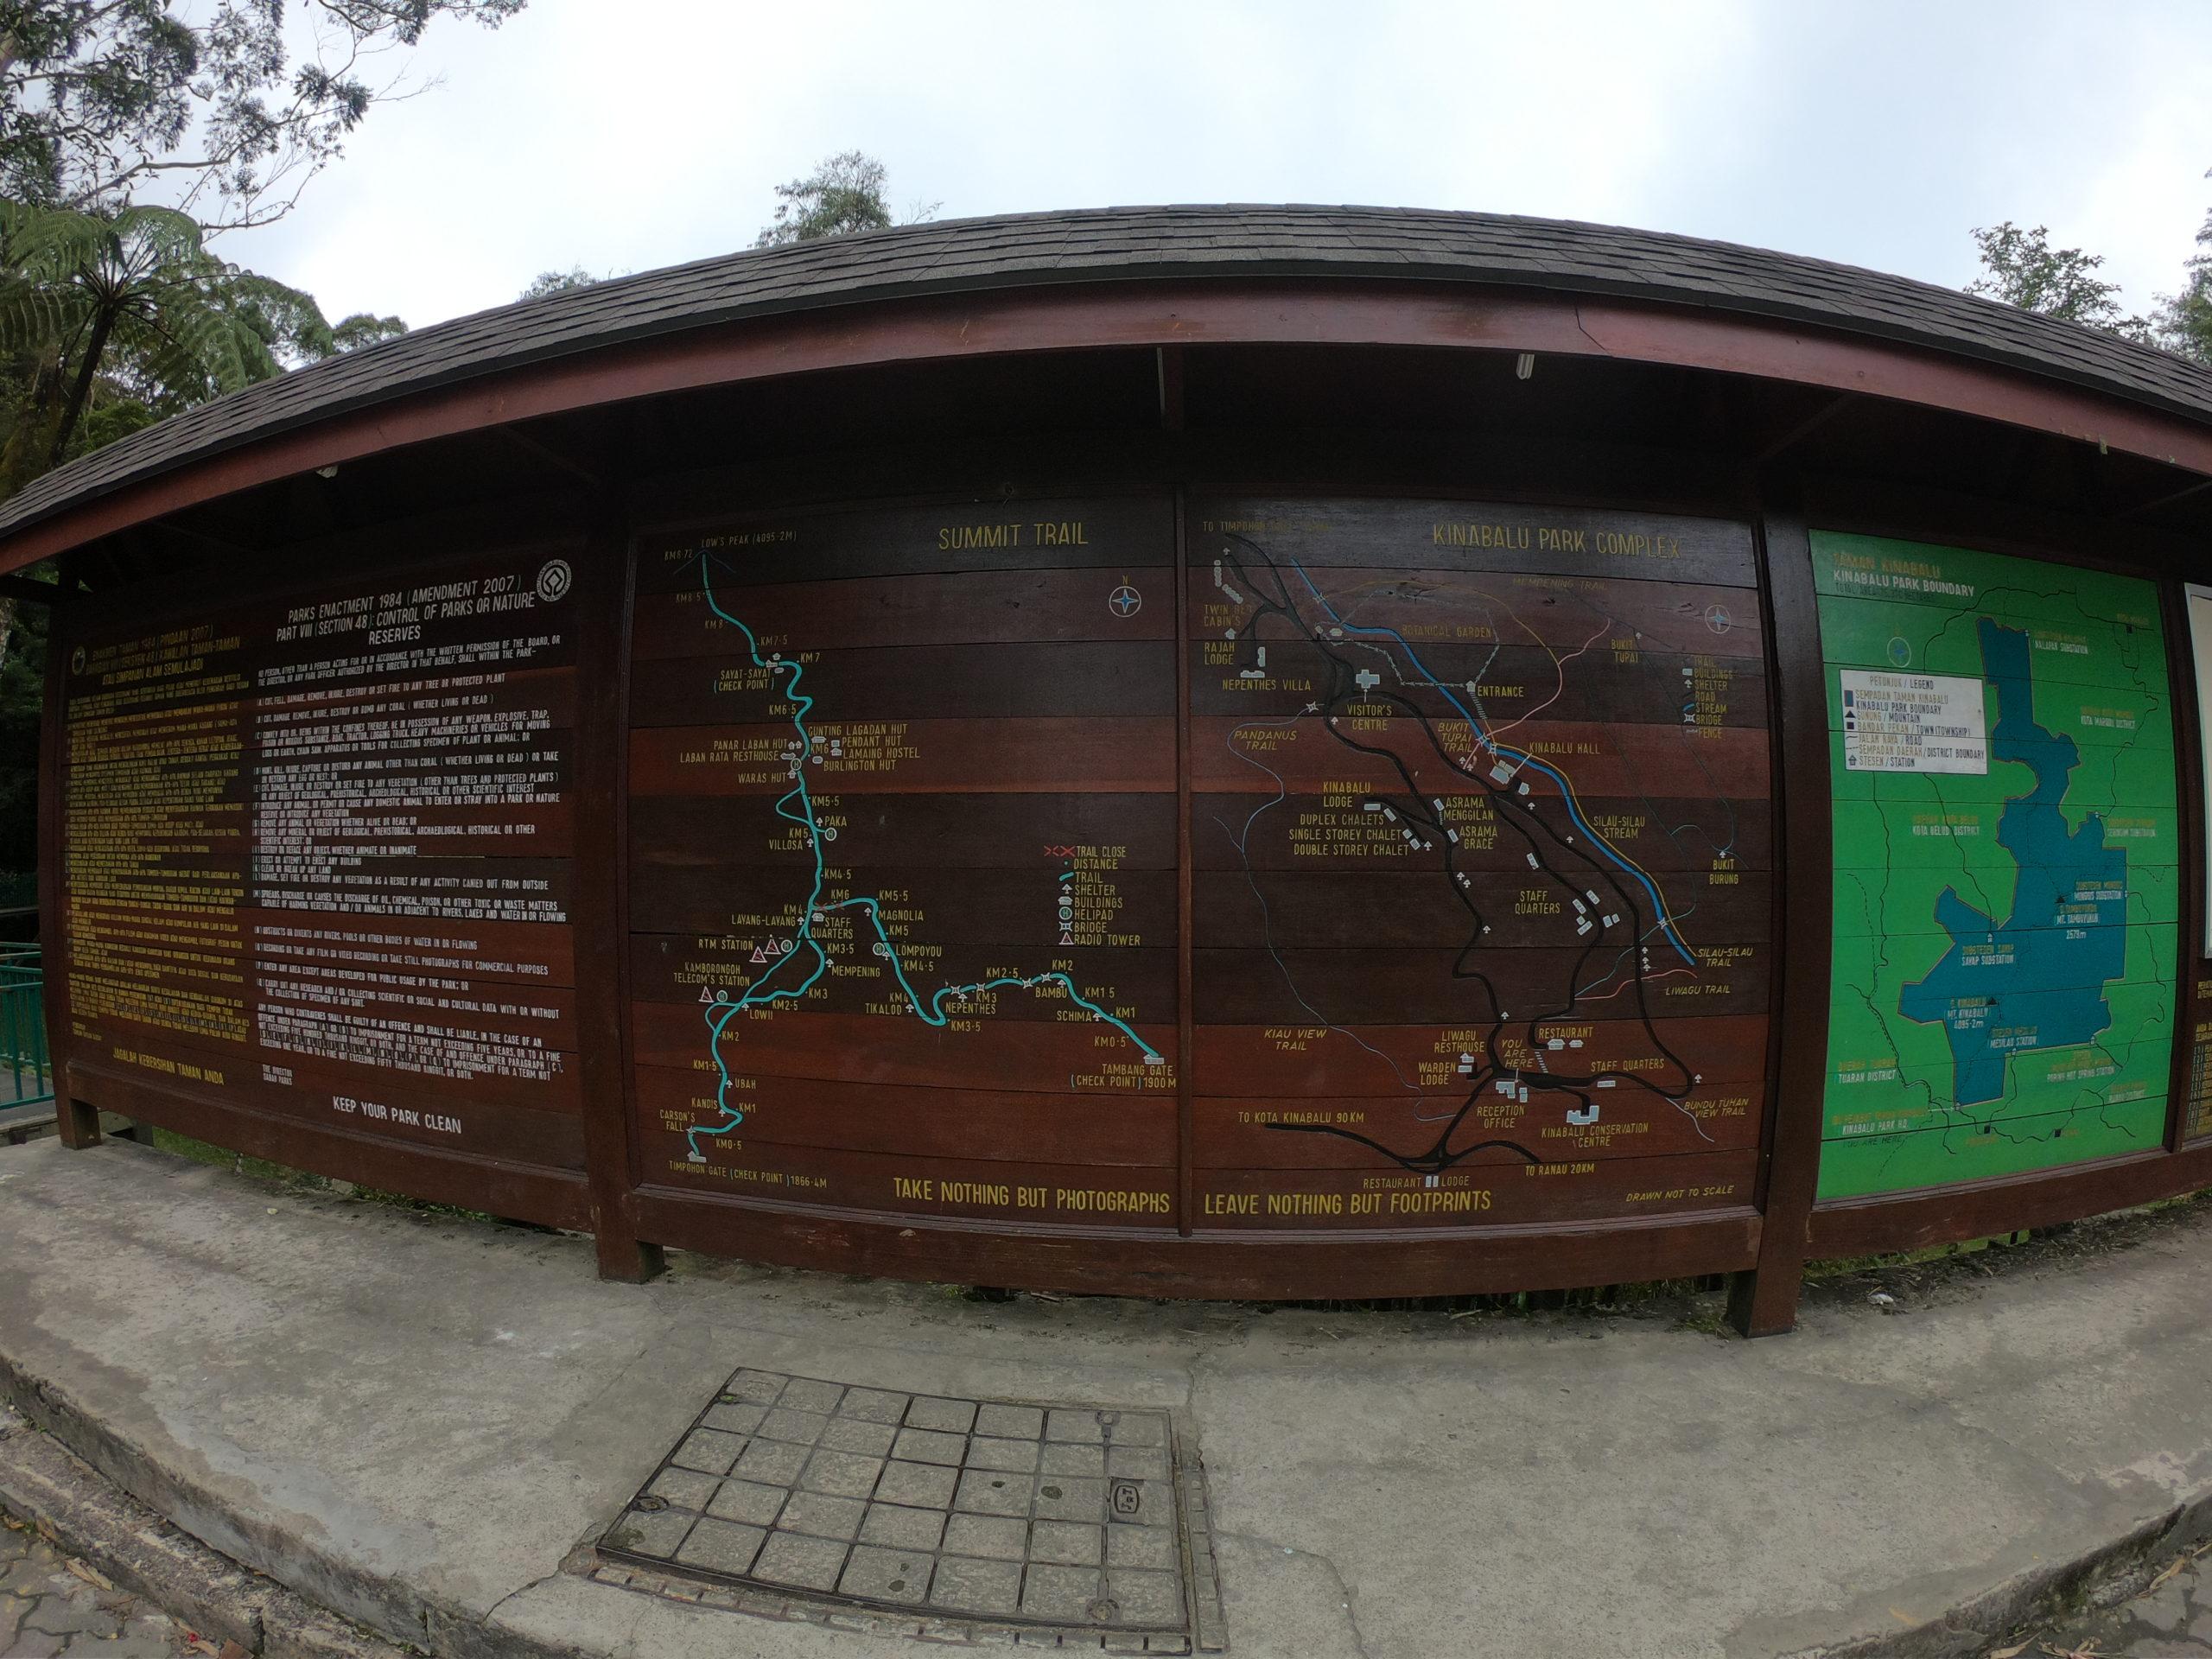 コタキナバル キナバル自然公園 場所